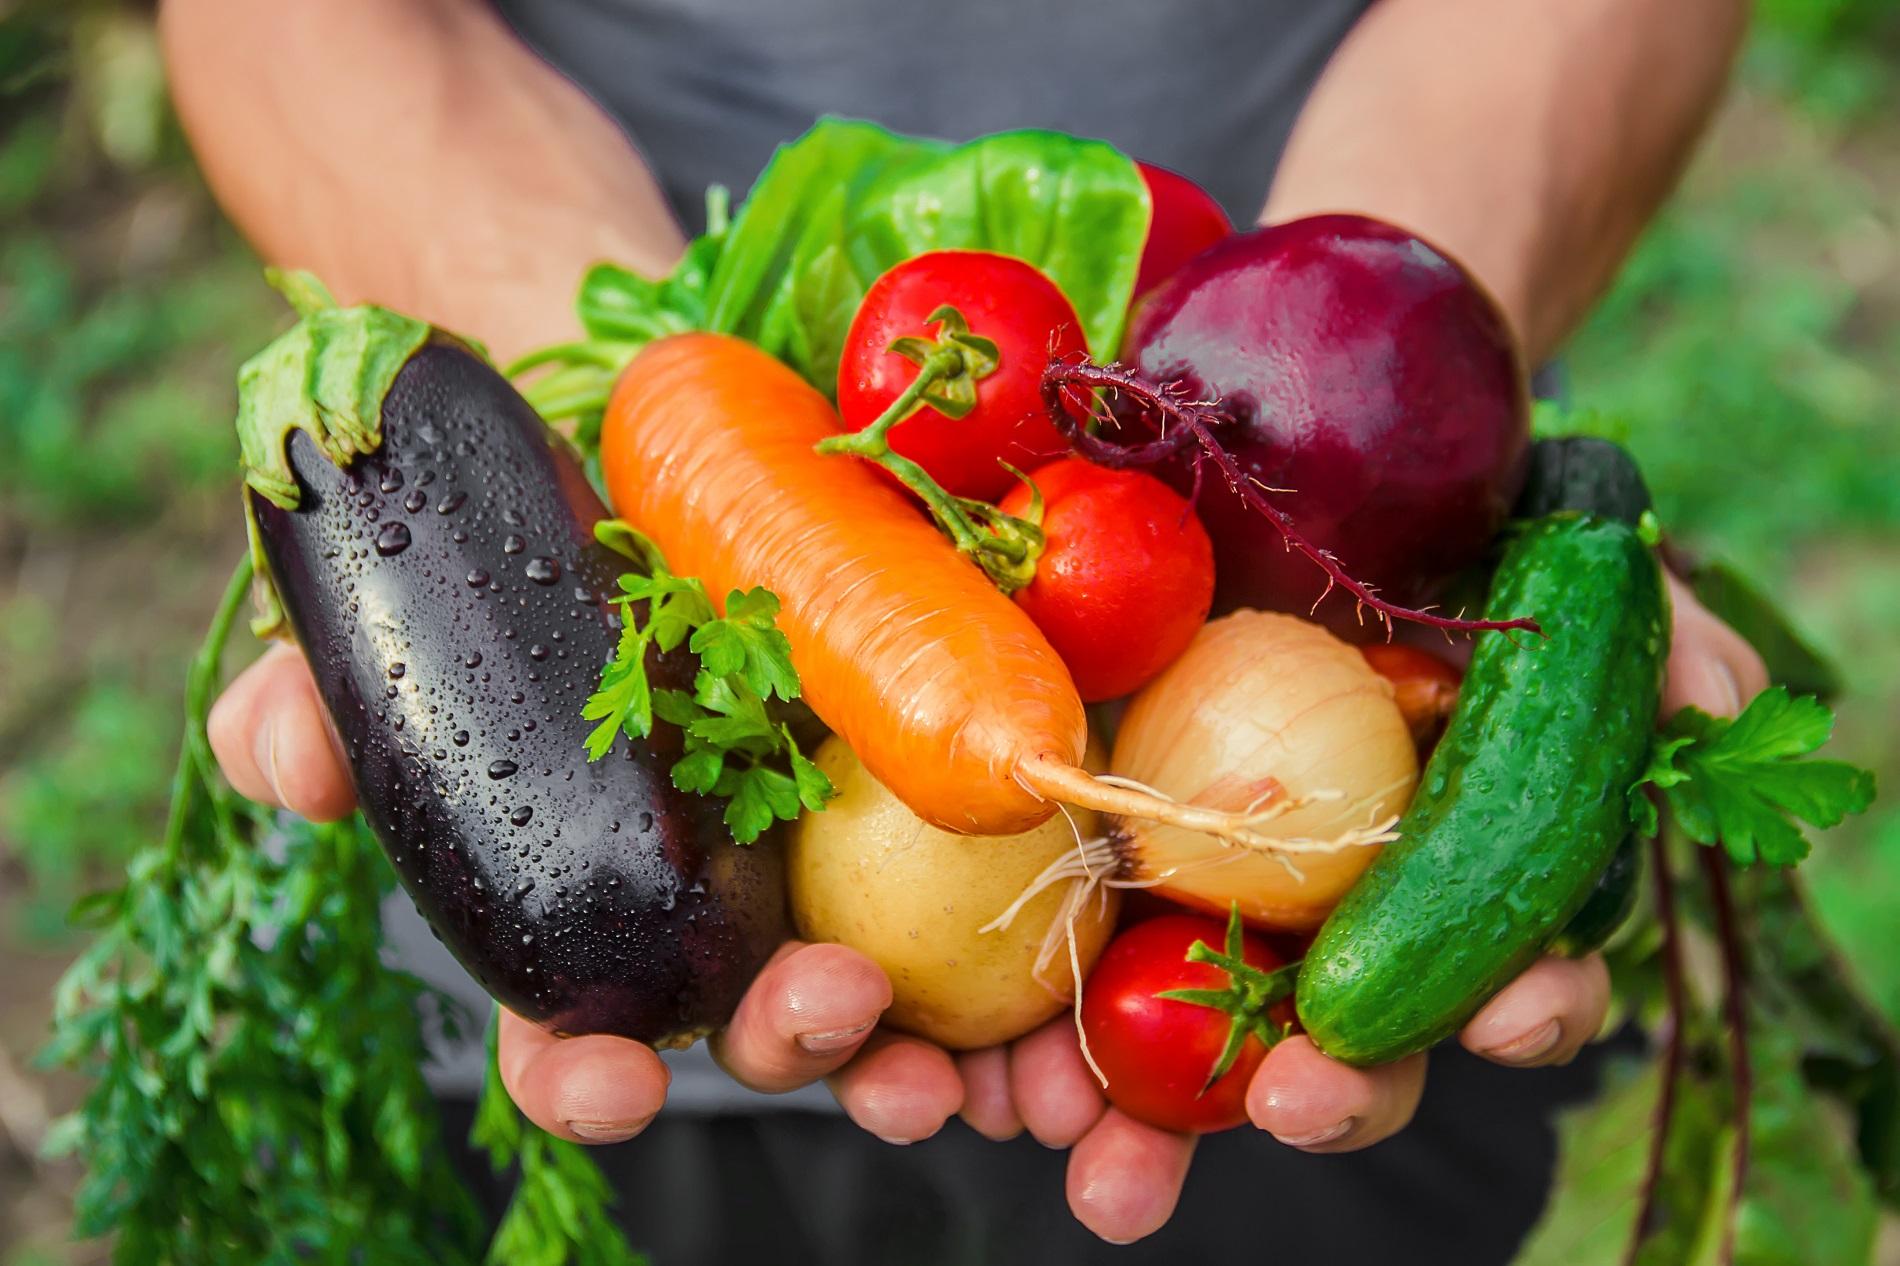 La sanidad vegetal como garantía para disfrutar de una alimentación segura